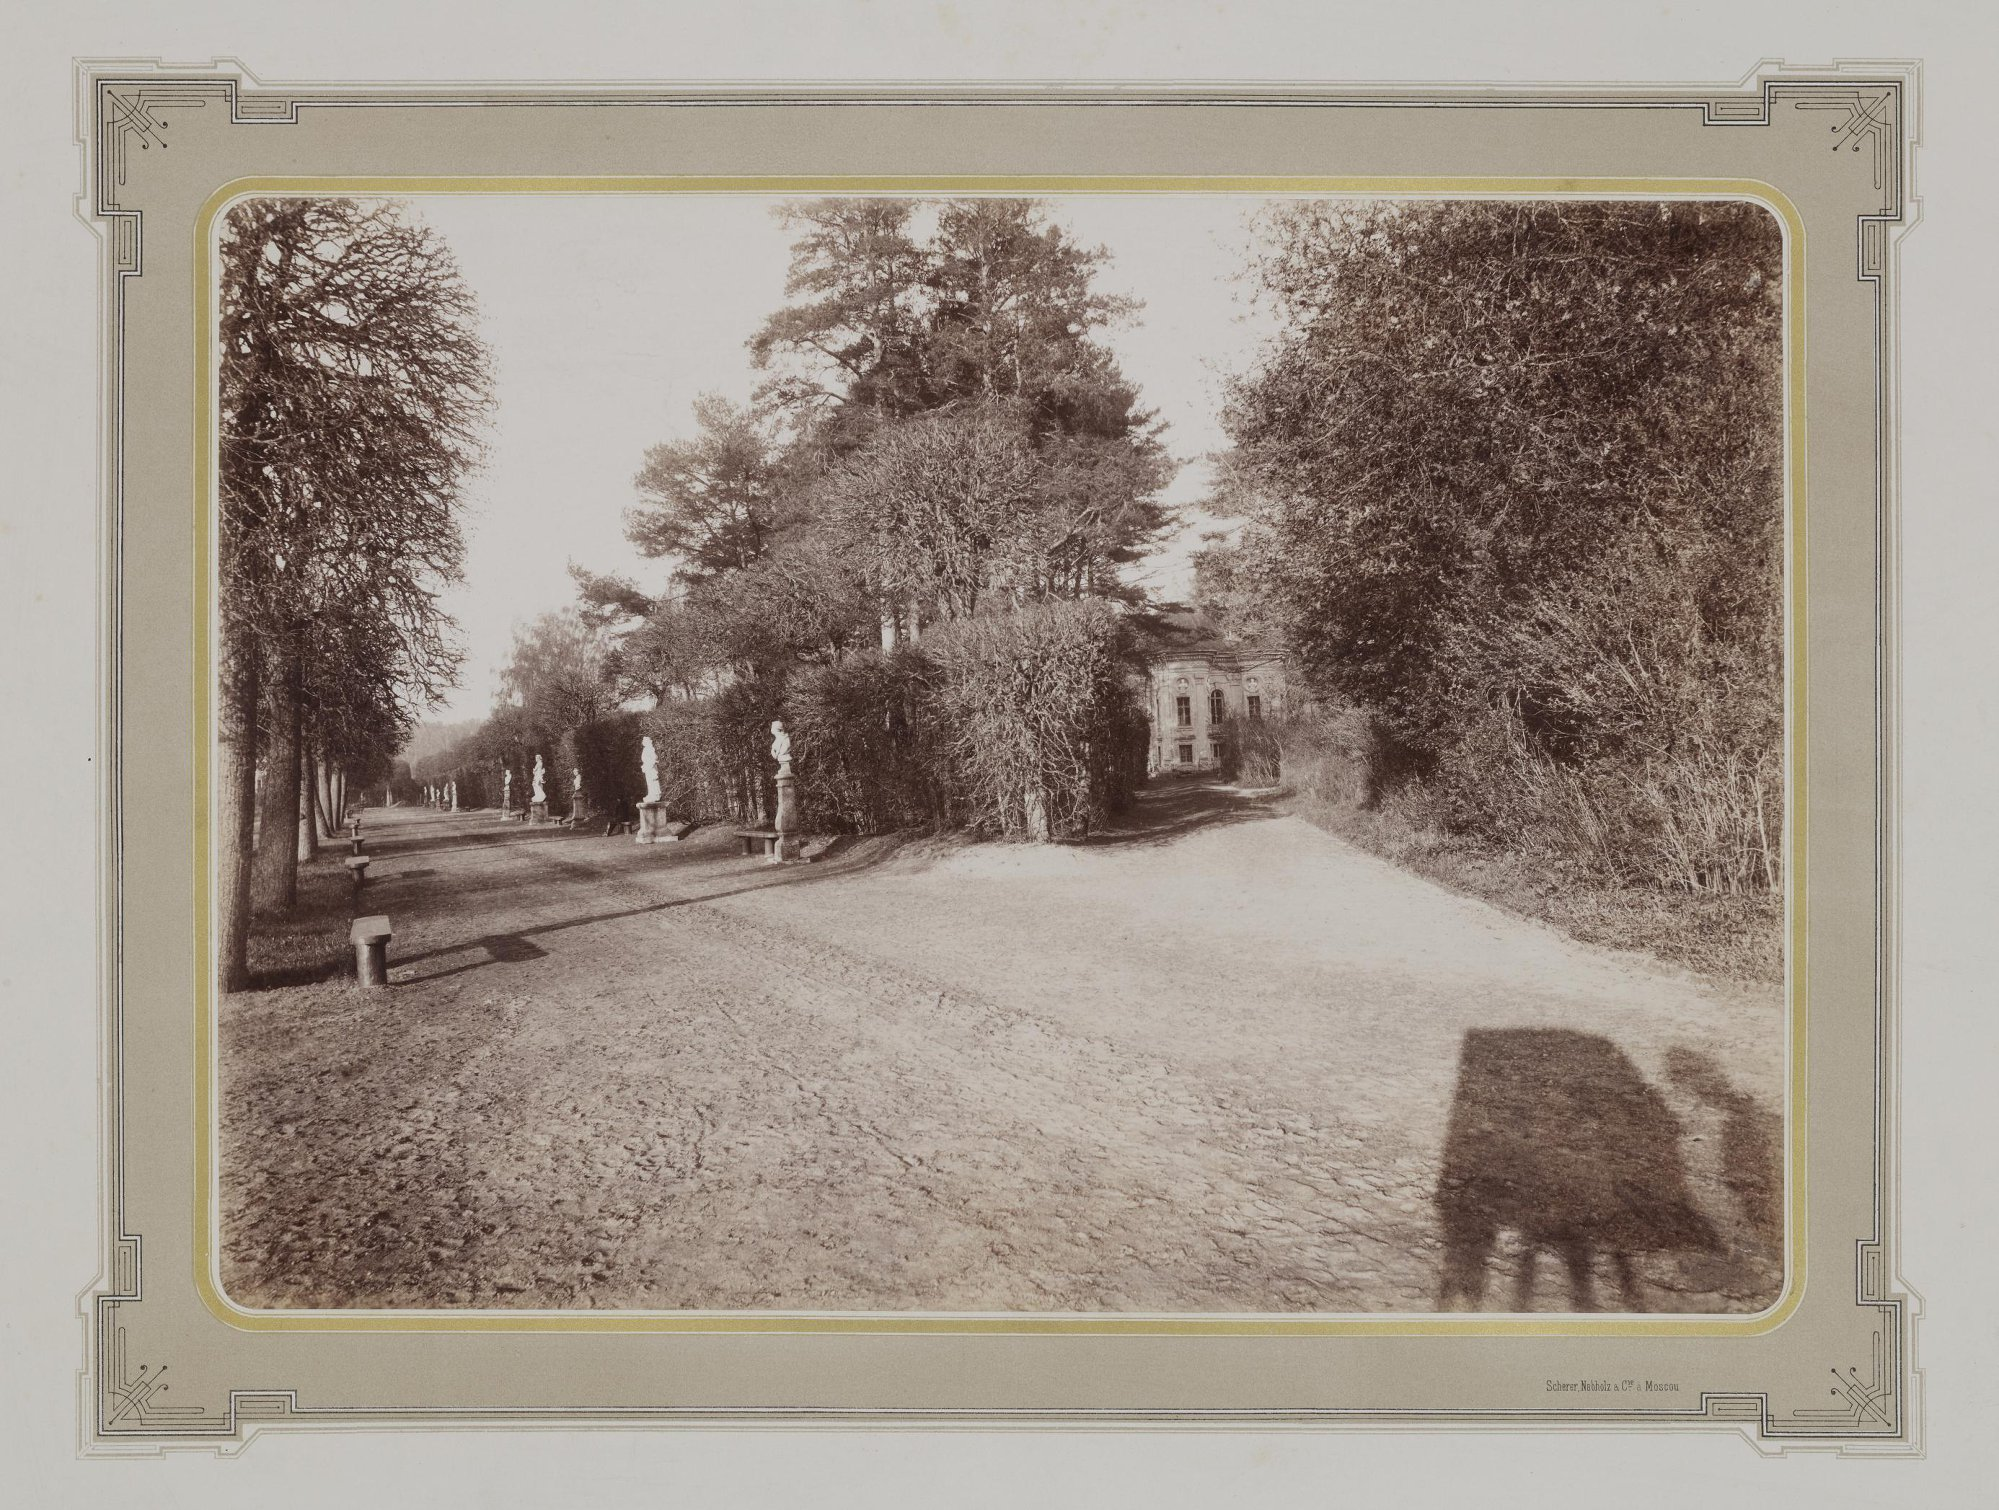 1883-1886. Усадьба Кусково. Регулярный парк с видом на павильон Эрмитаж